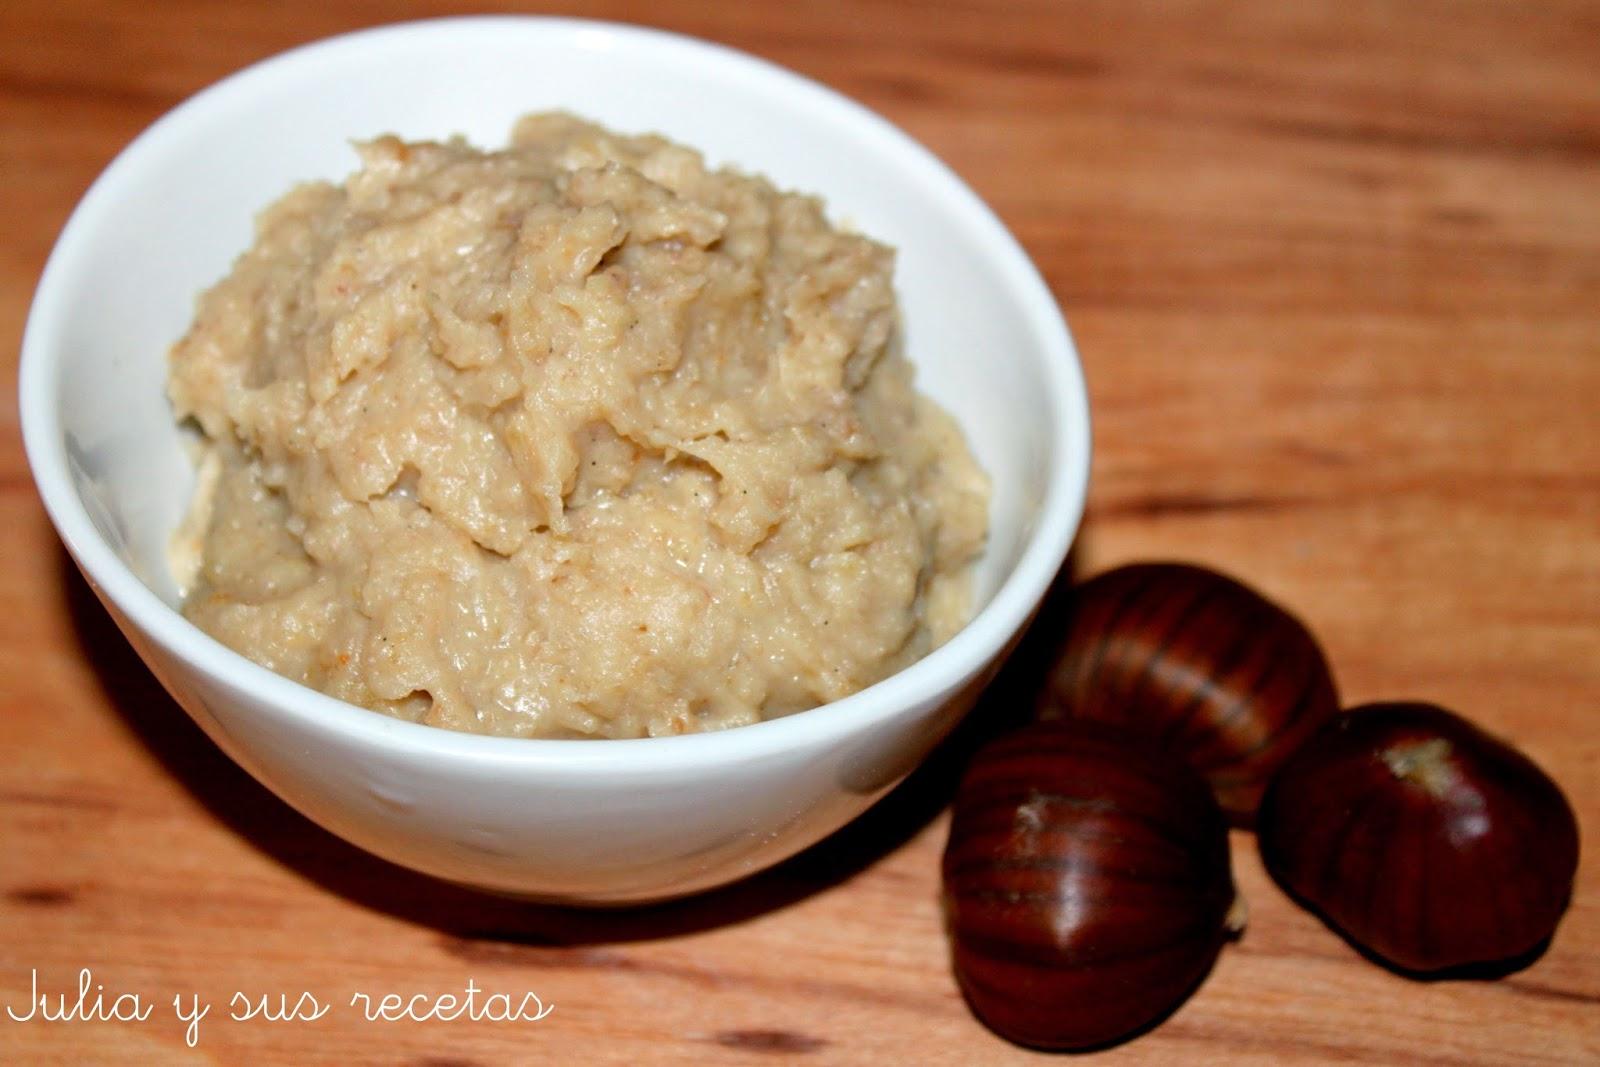 Crema dulce de castañas. Julia y sus recetas